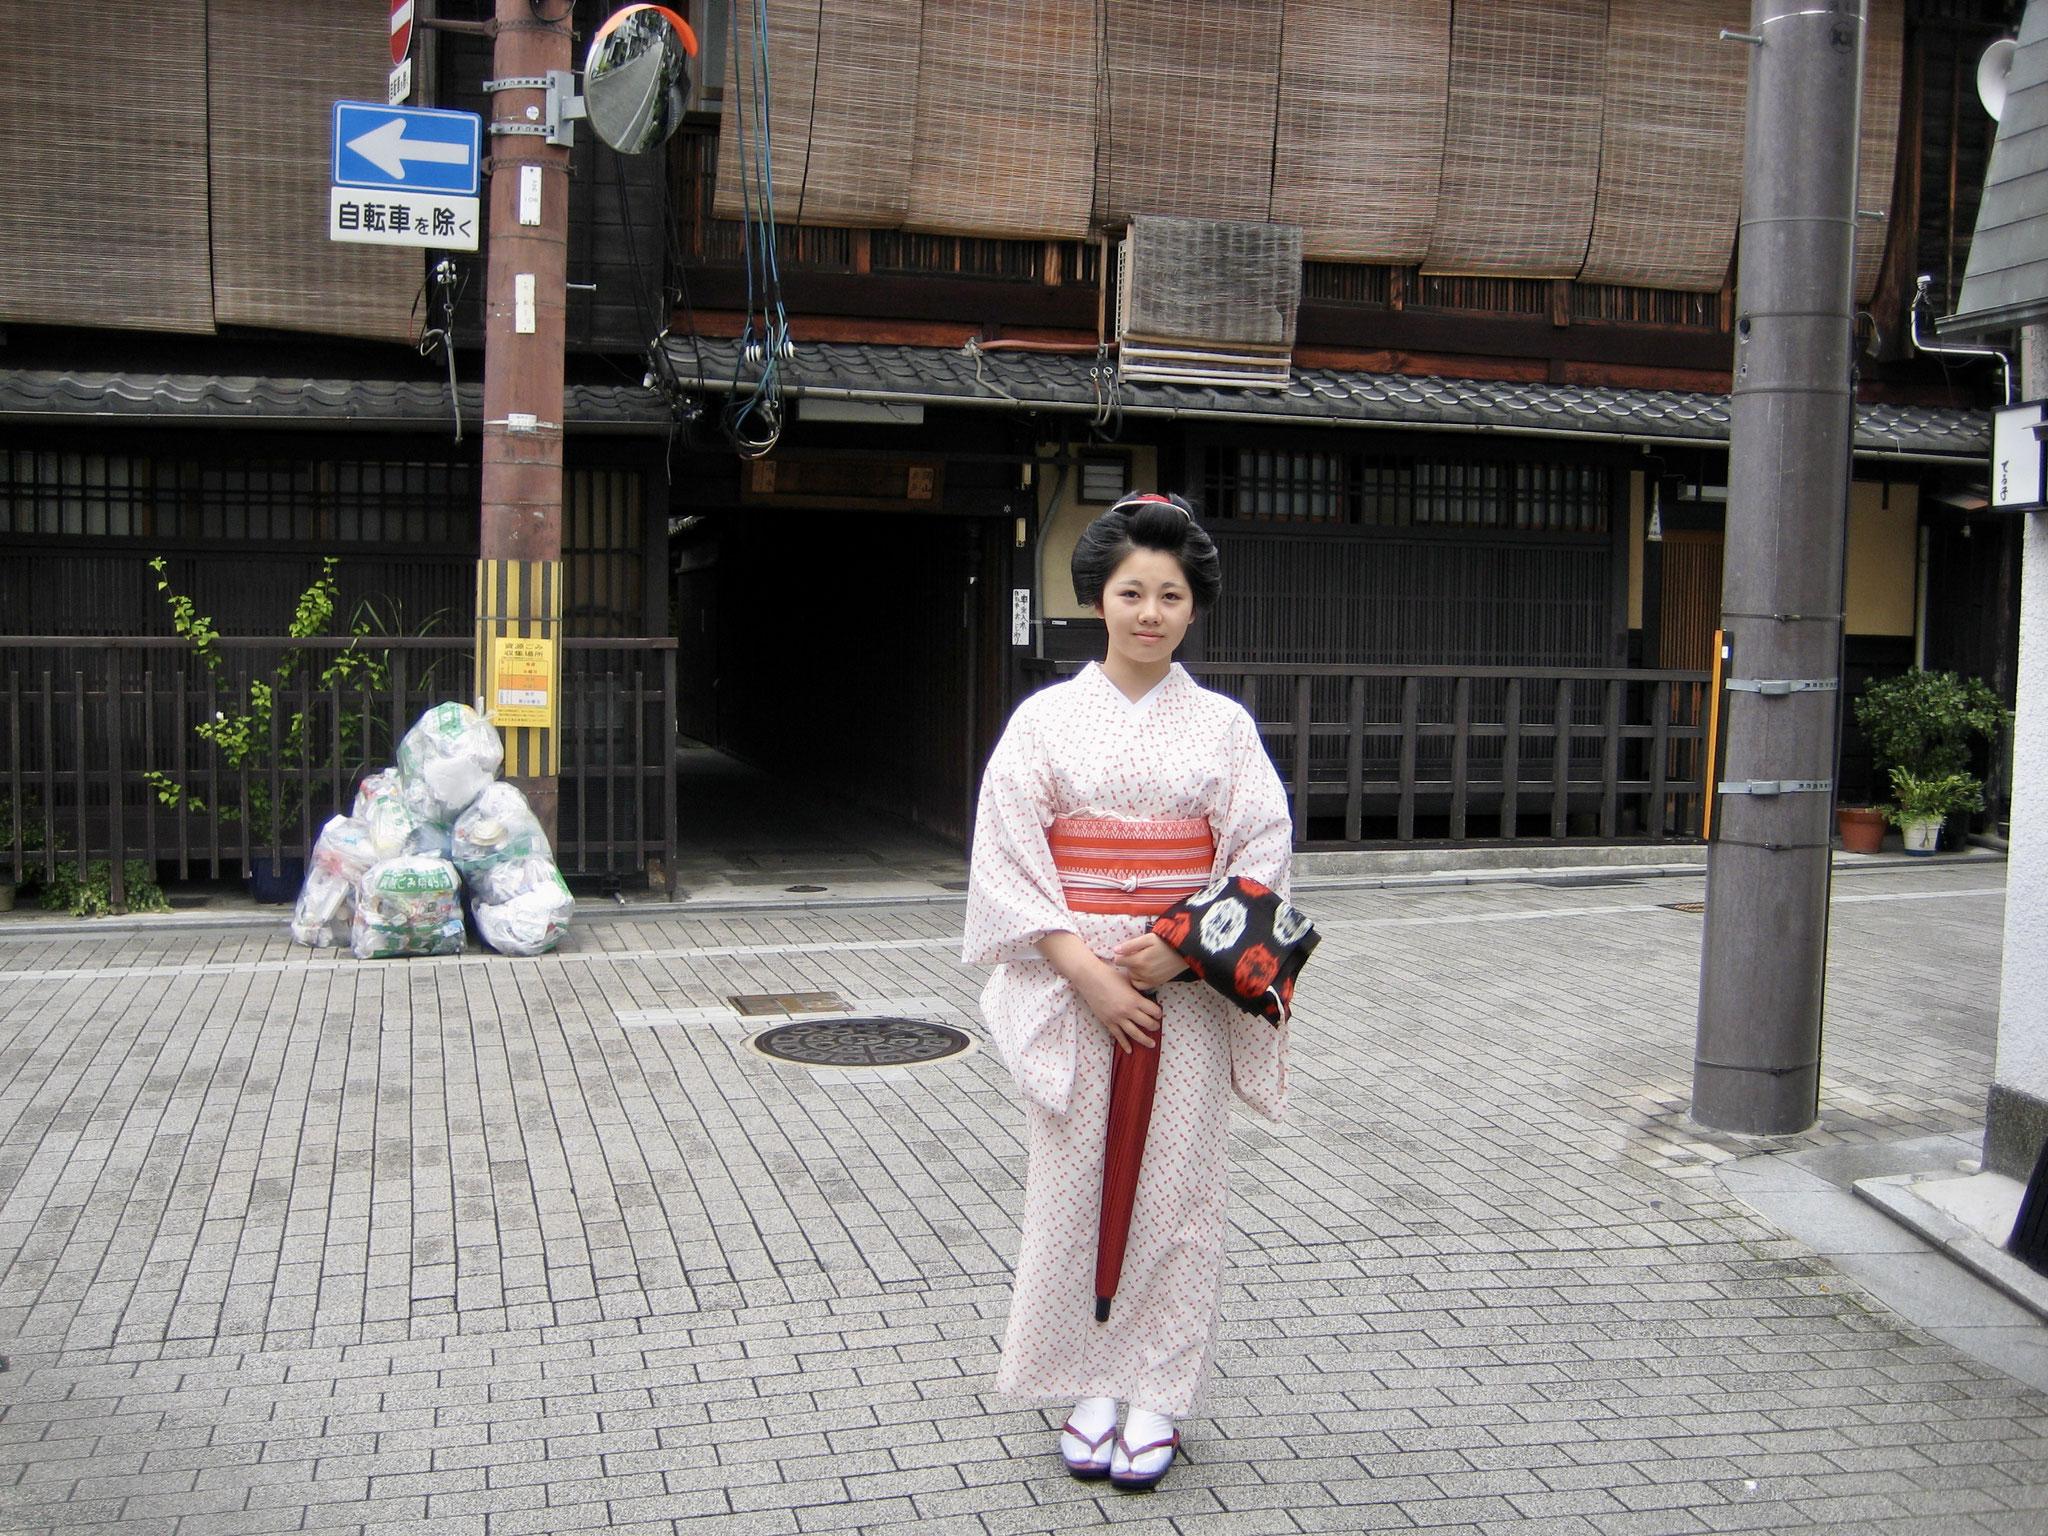 Work bound Geisha, Kyoto